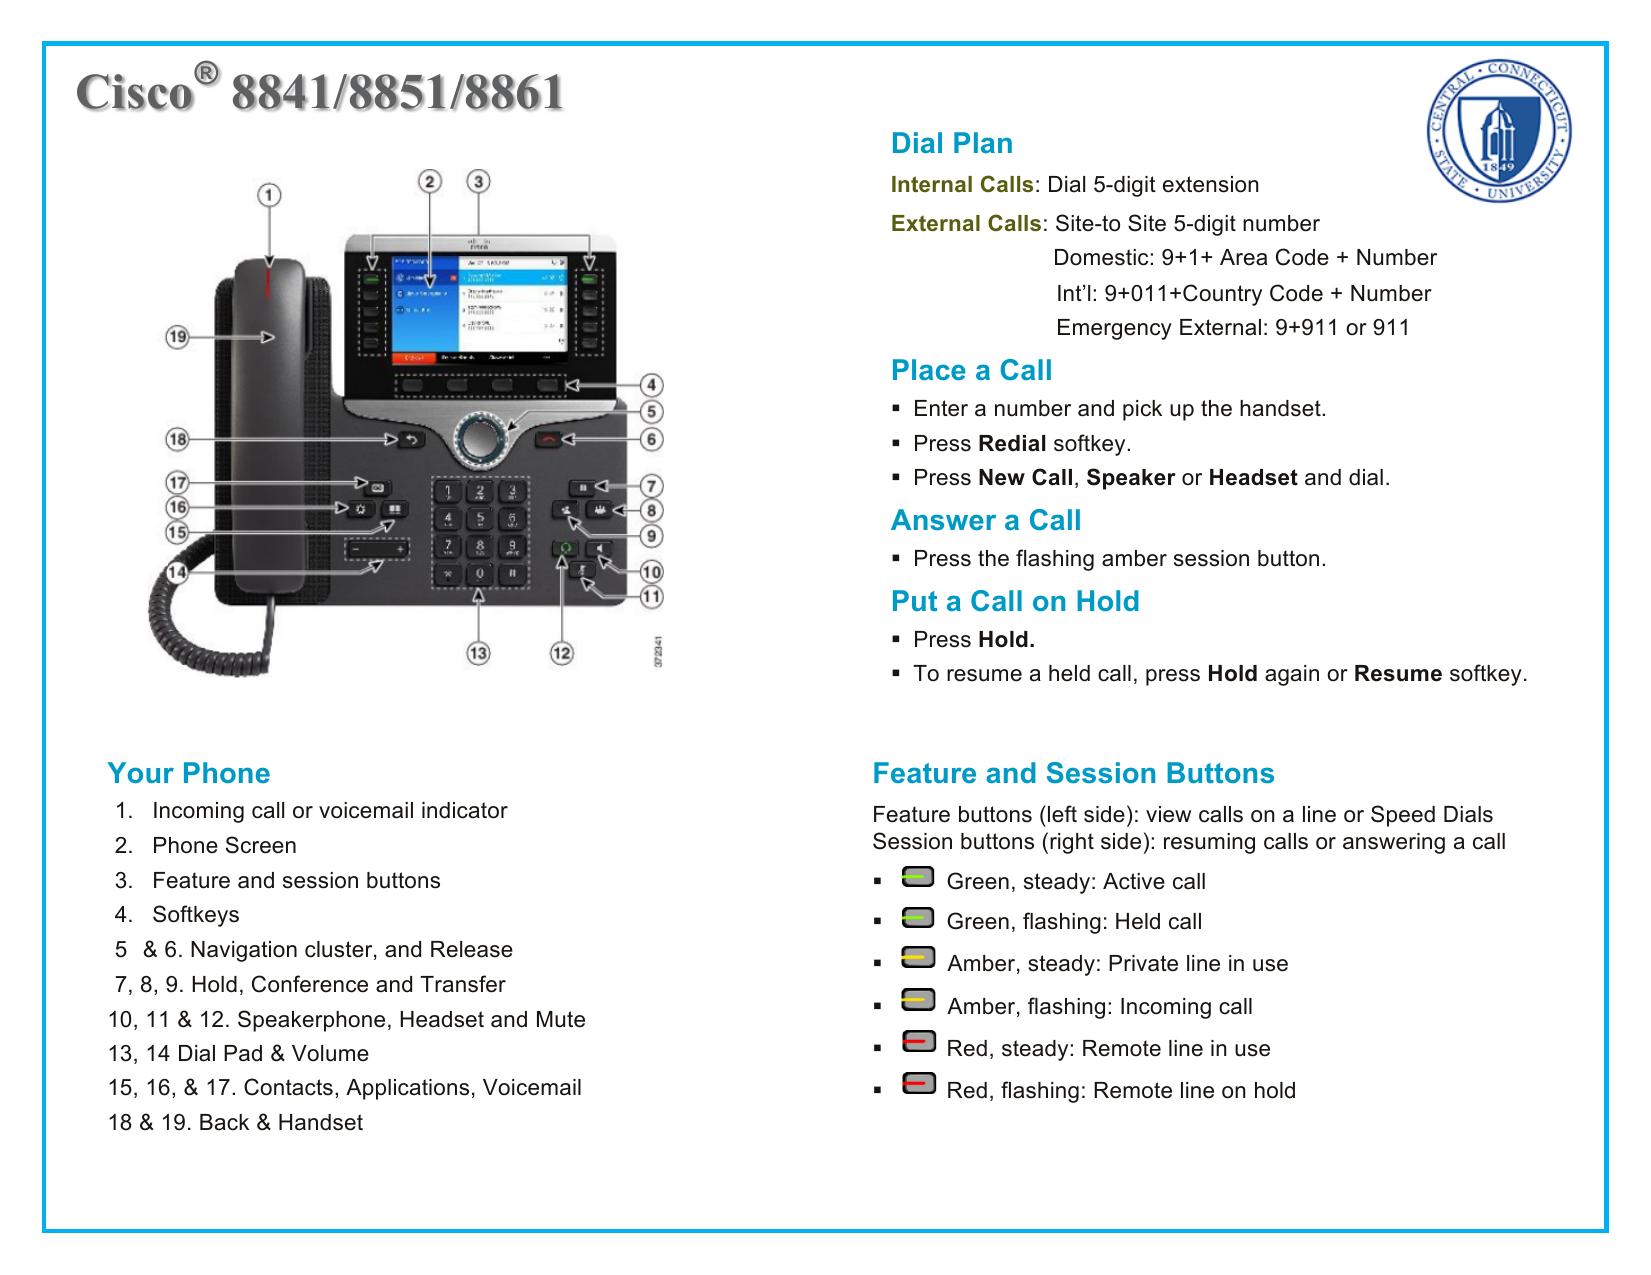 Cisco 8841/8851/8861 | manualzz com